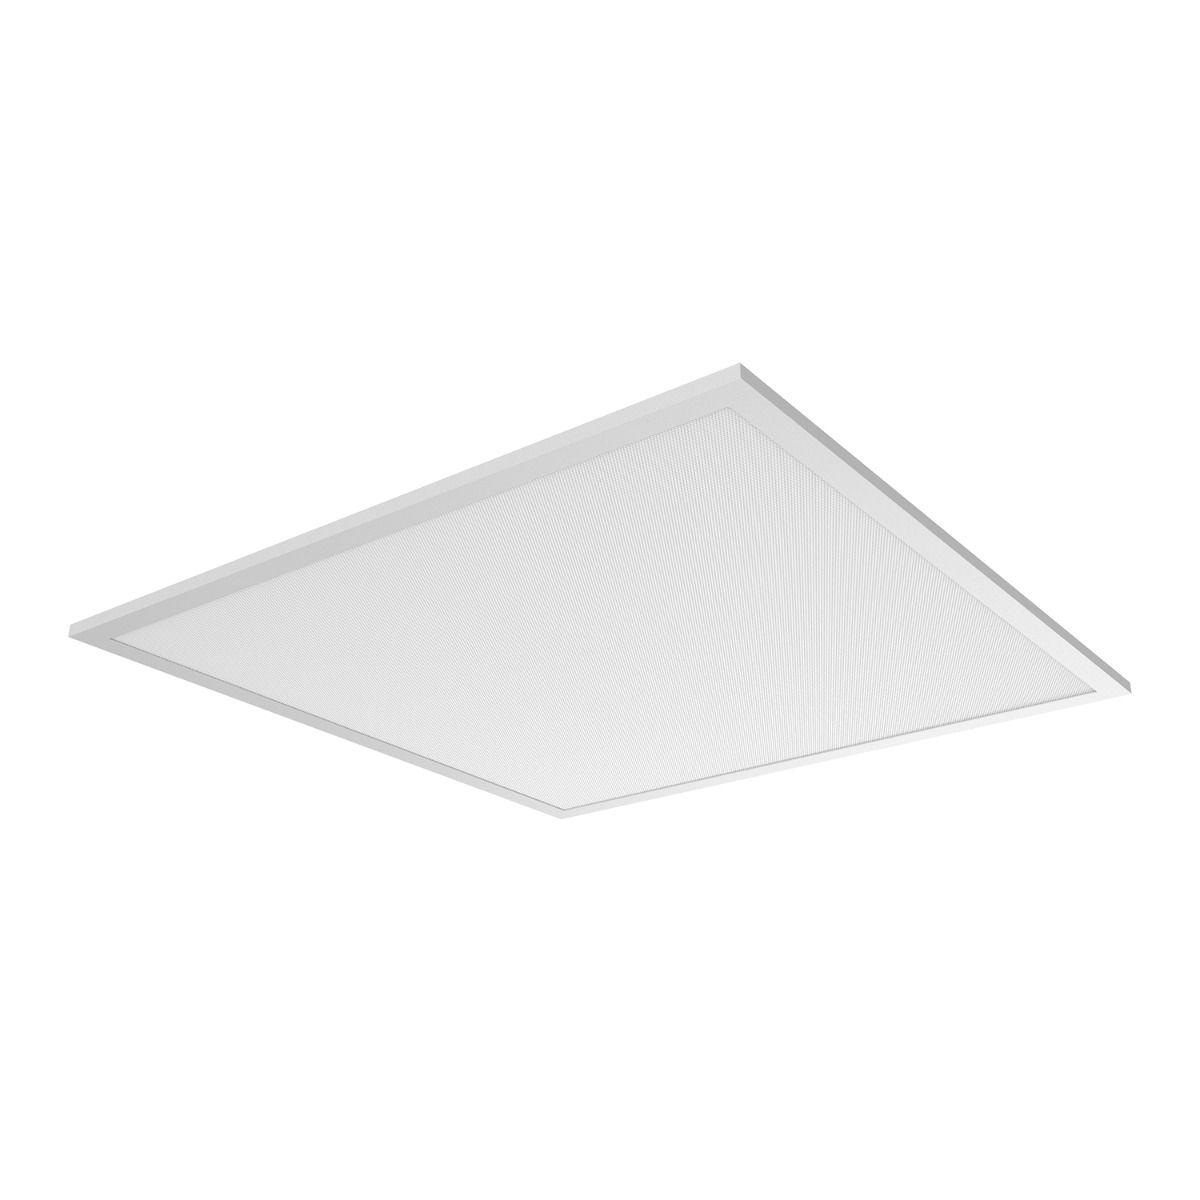 Noxion LED Panel Delta Pro V3 DALI 30W 3000K 3960lm 60x60cm UGR <19 | Varm Vit - Ersättare 4x18W